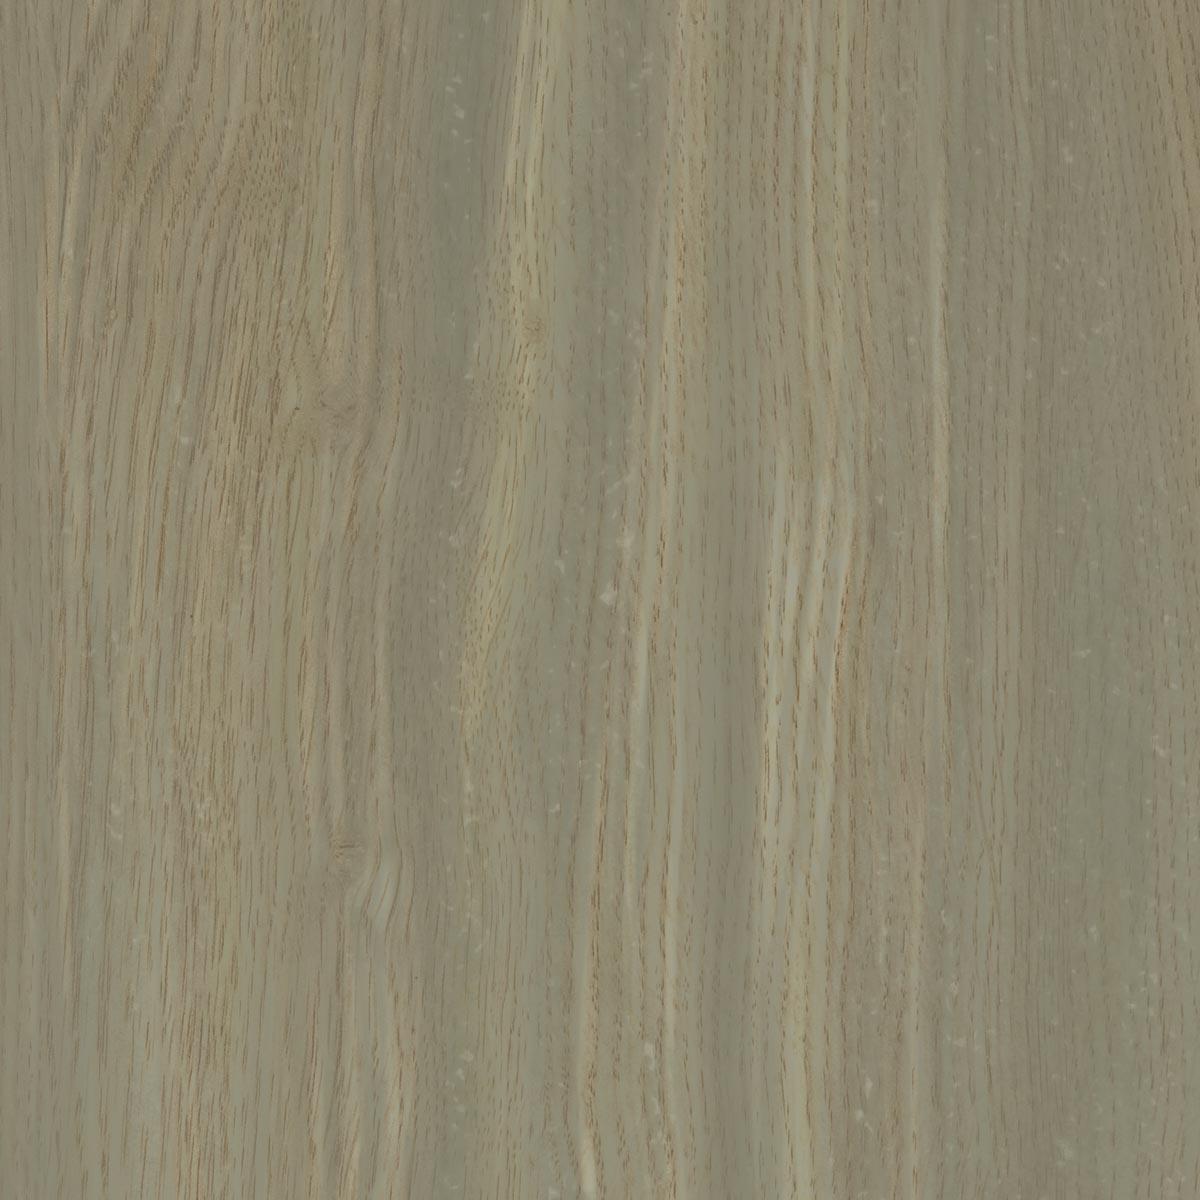 FolkArt ® Pickling Wash™ - Driftwood, 8 oz. - 5760